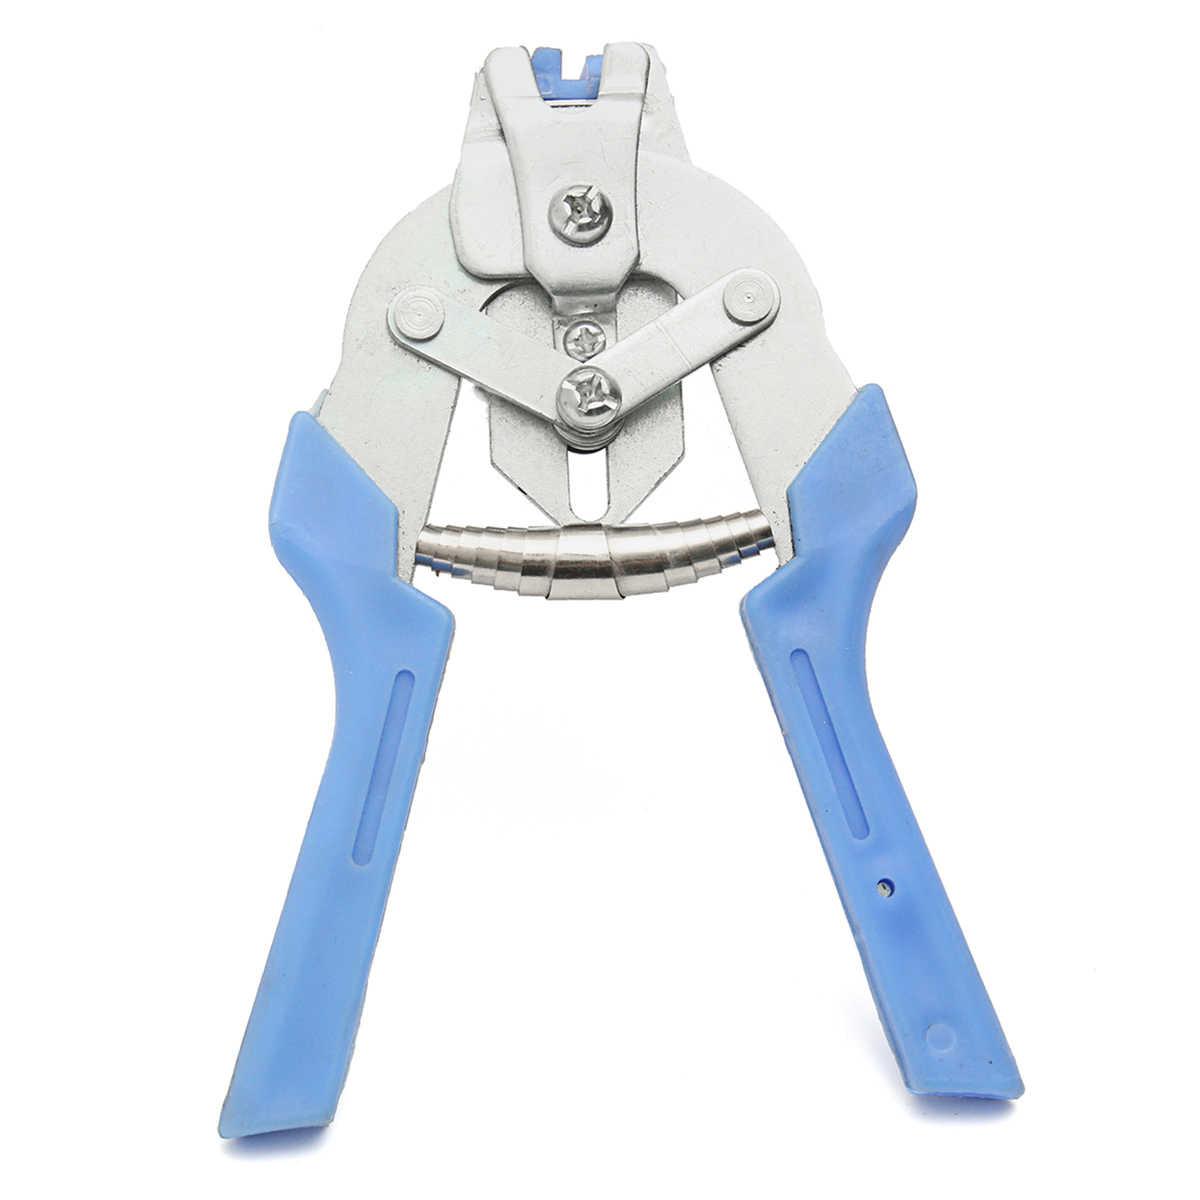 2 stks Hog Ring Tang Tool met 600 stks M Clips Kip Gevogelte Mesh Kooi Draad Hekwerk Krimpen Soldeerverbinding lassen Reparatie Gereedschap